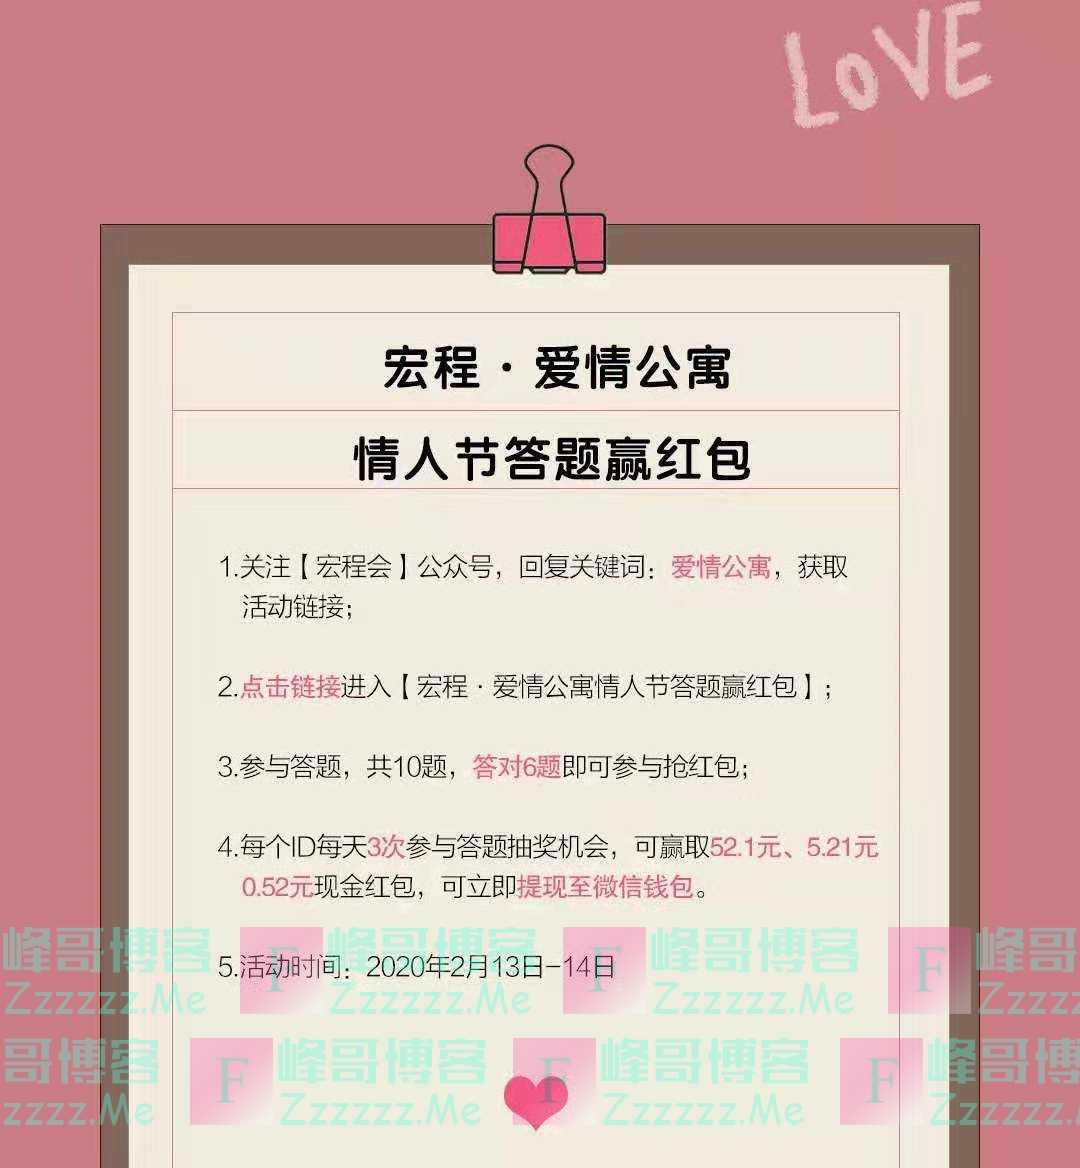 宏程会『情人节』答题赢红包(截止2月14日)